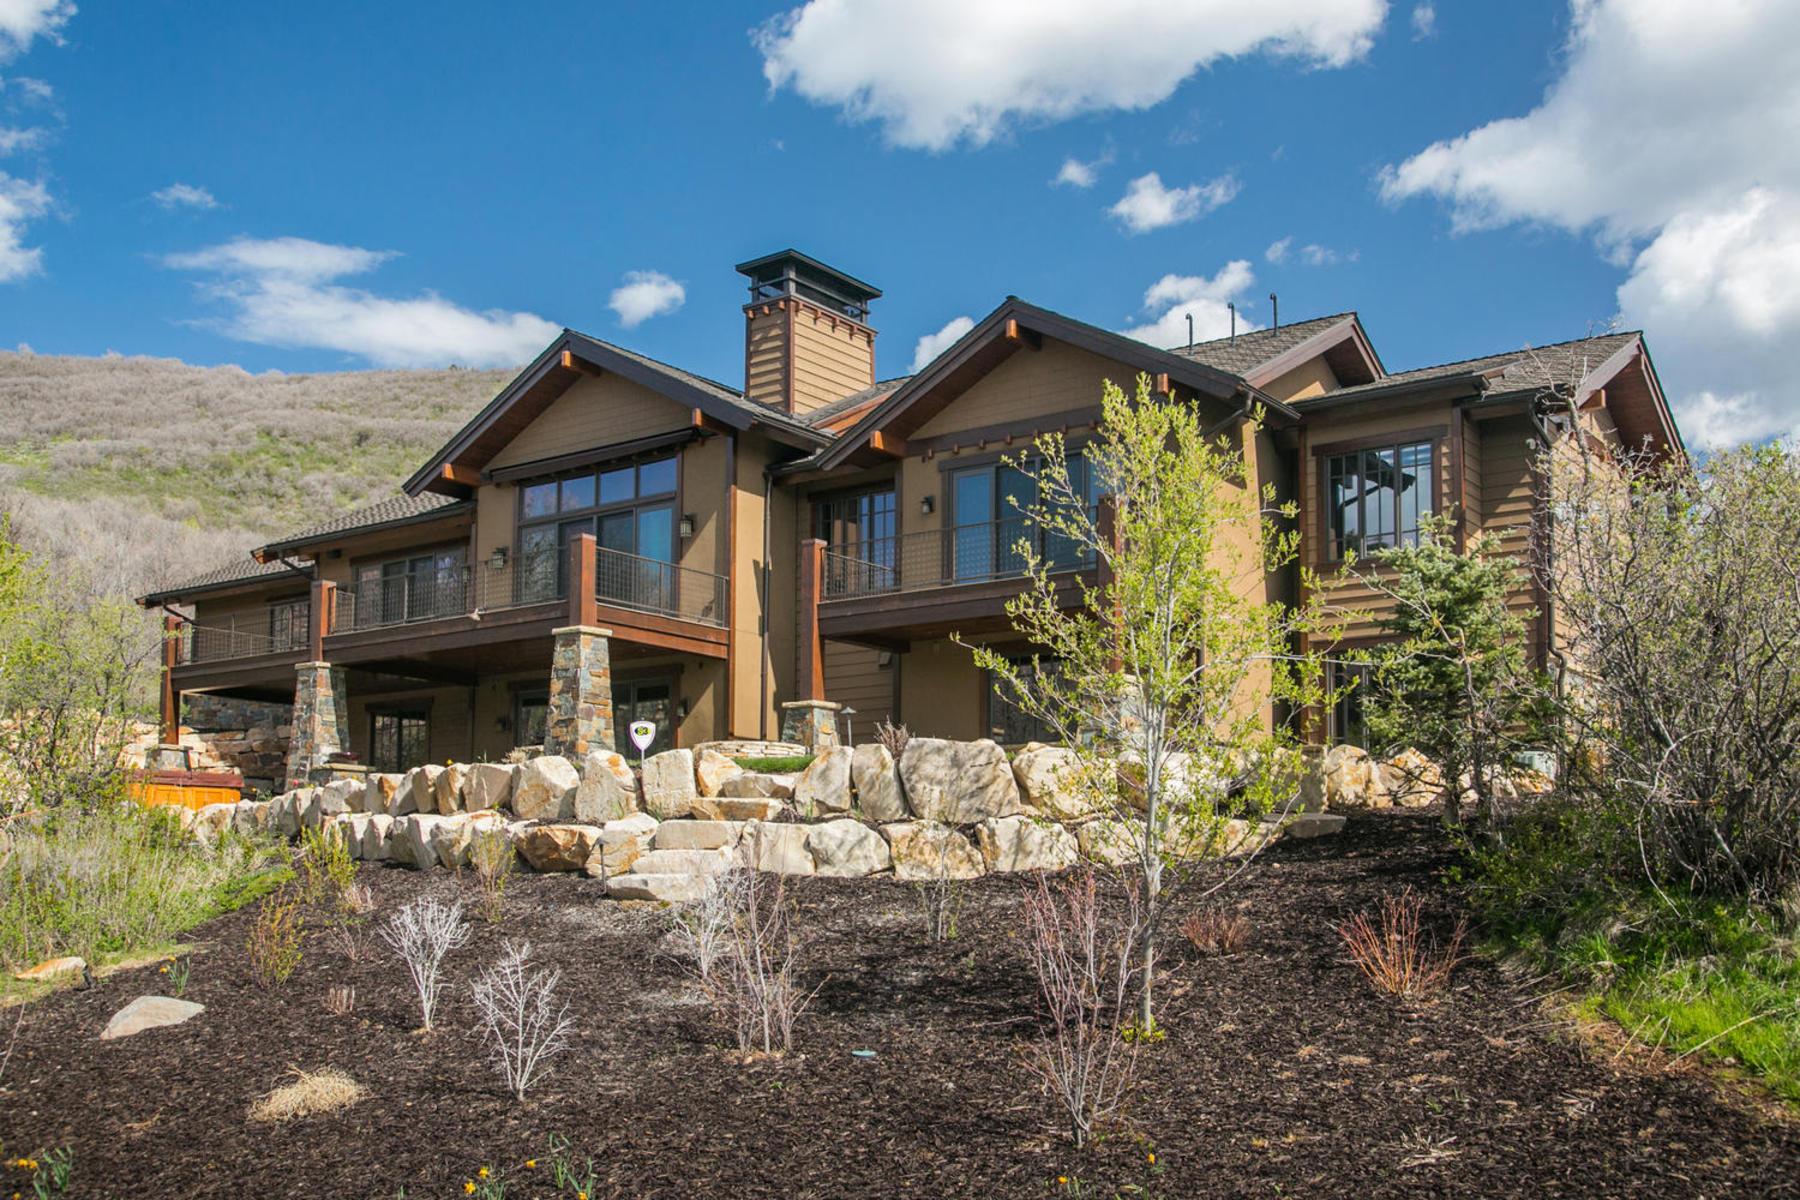 Частный односемейный дом для того Продажа на 2011 Parade of Home Showcase Home 8929 Parleys Ln Park City, Юта 84098 Соединенные Штаты